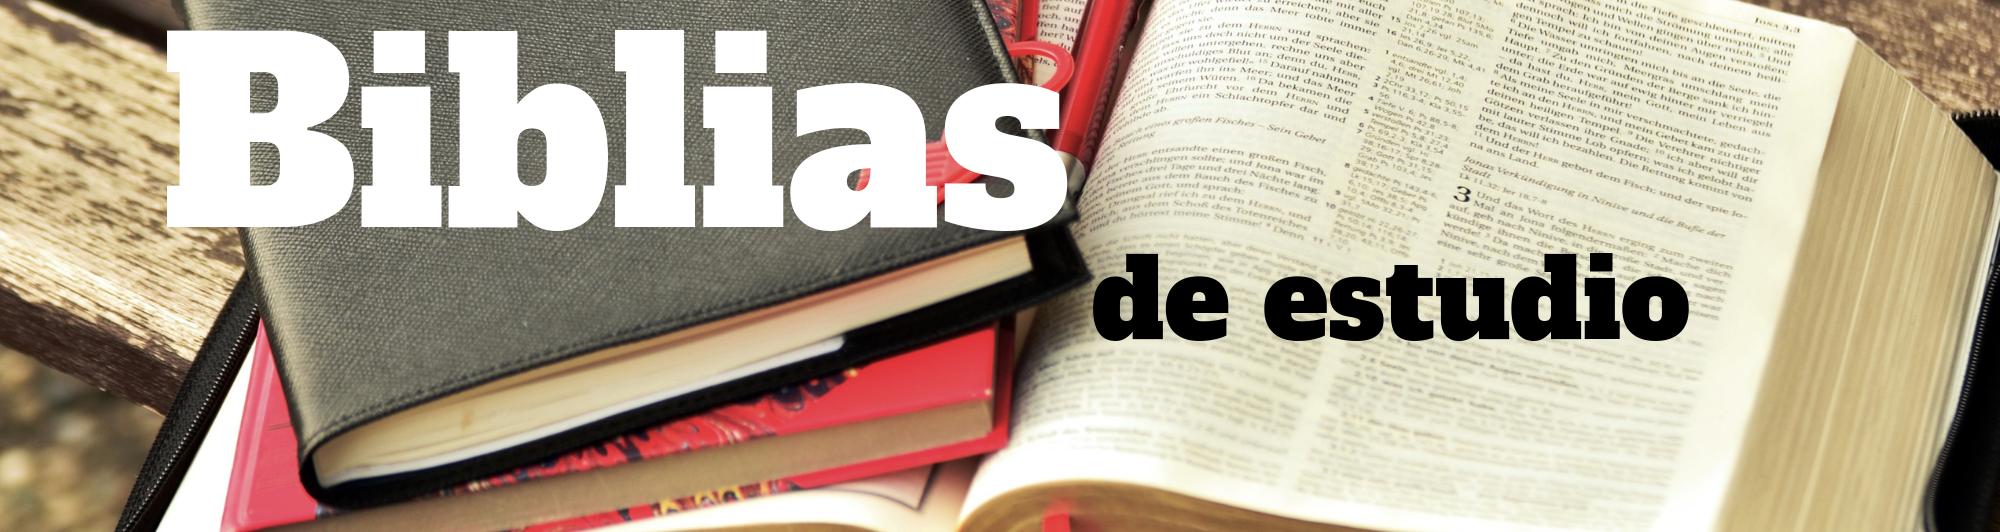 Biblia De Estudio Librería Cristiana Clc Colombia Por